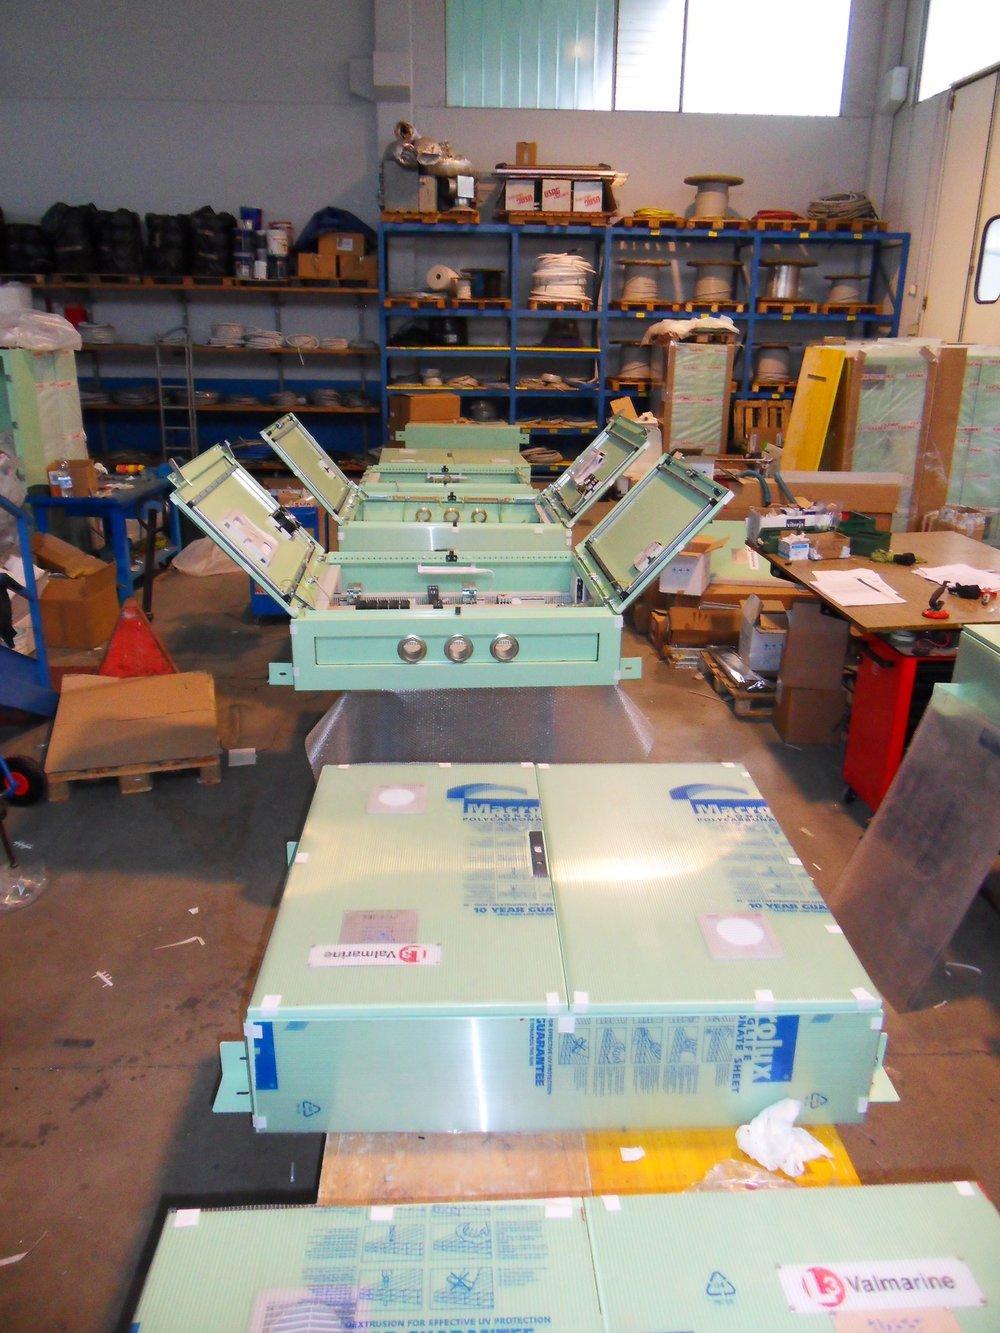 sirp impianti elettrici cuneo cherasco piemonte progettazione installazione manutenzione sistemi elettriciSDC10008.JPG